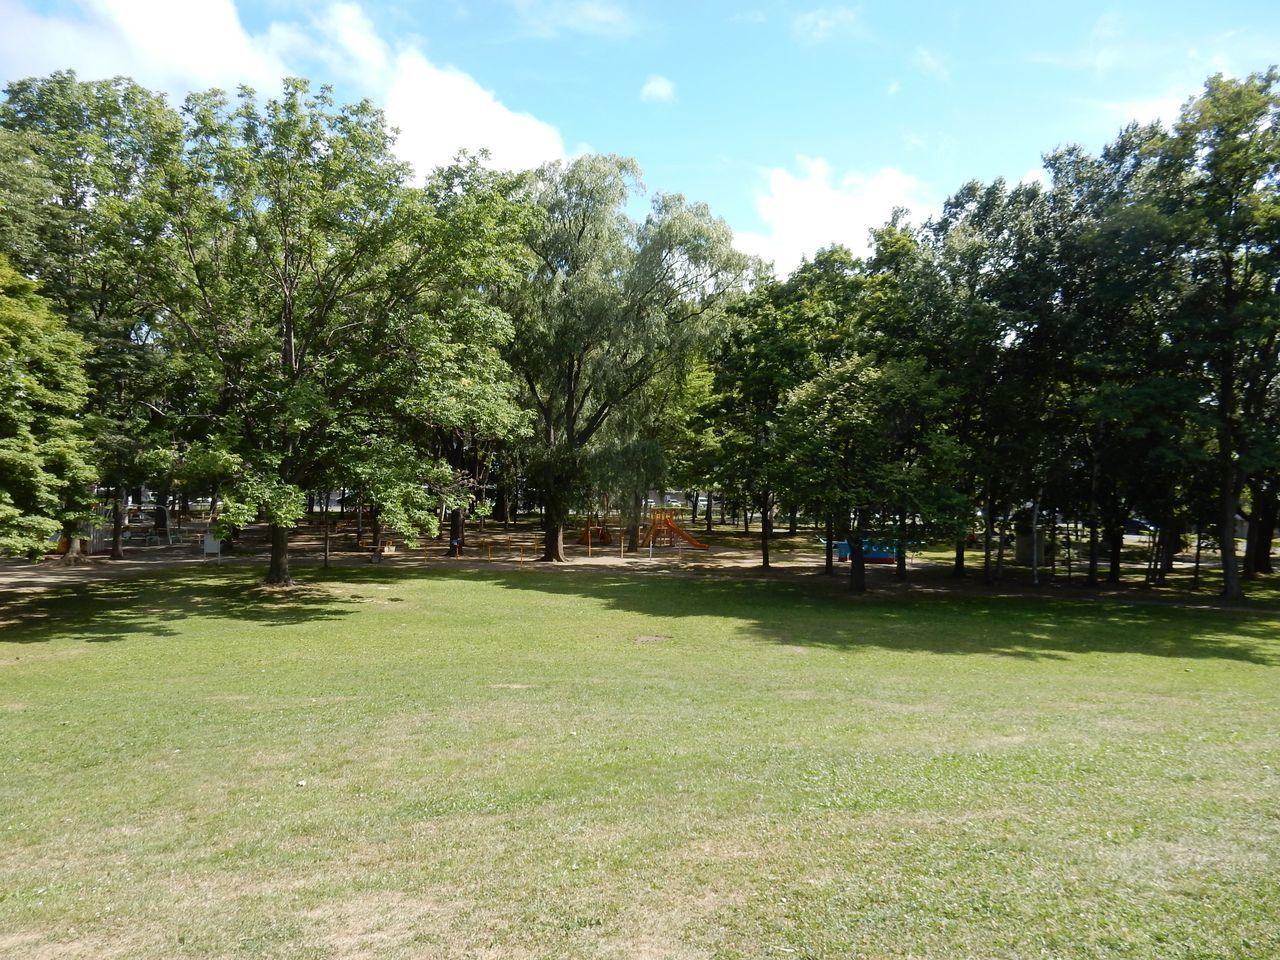 美香保公園の山には高射砲の台座が埋まっている_c0025115_23334828.jpg